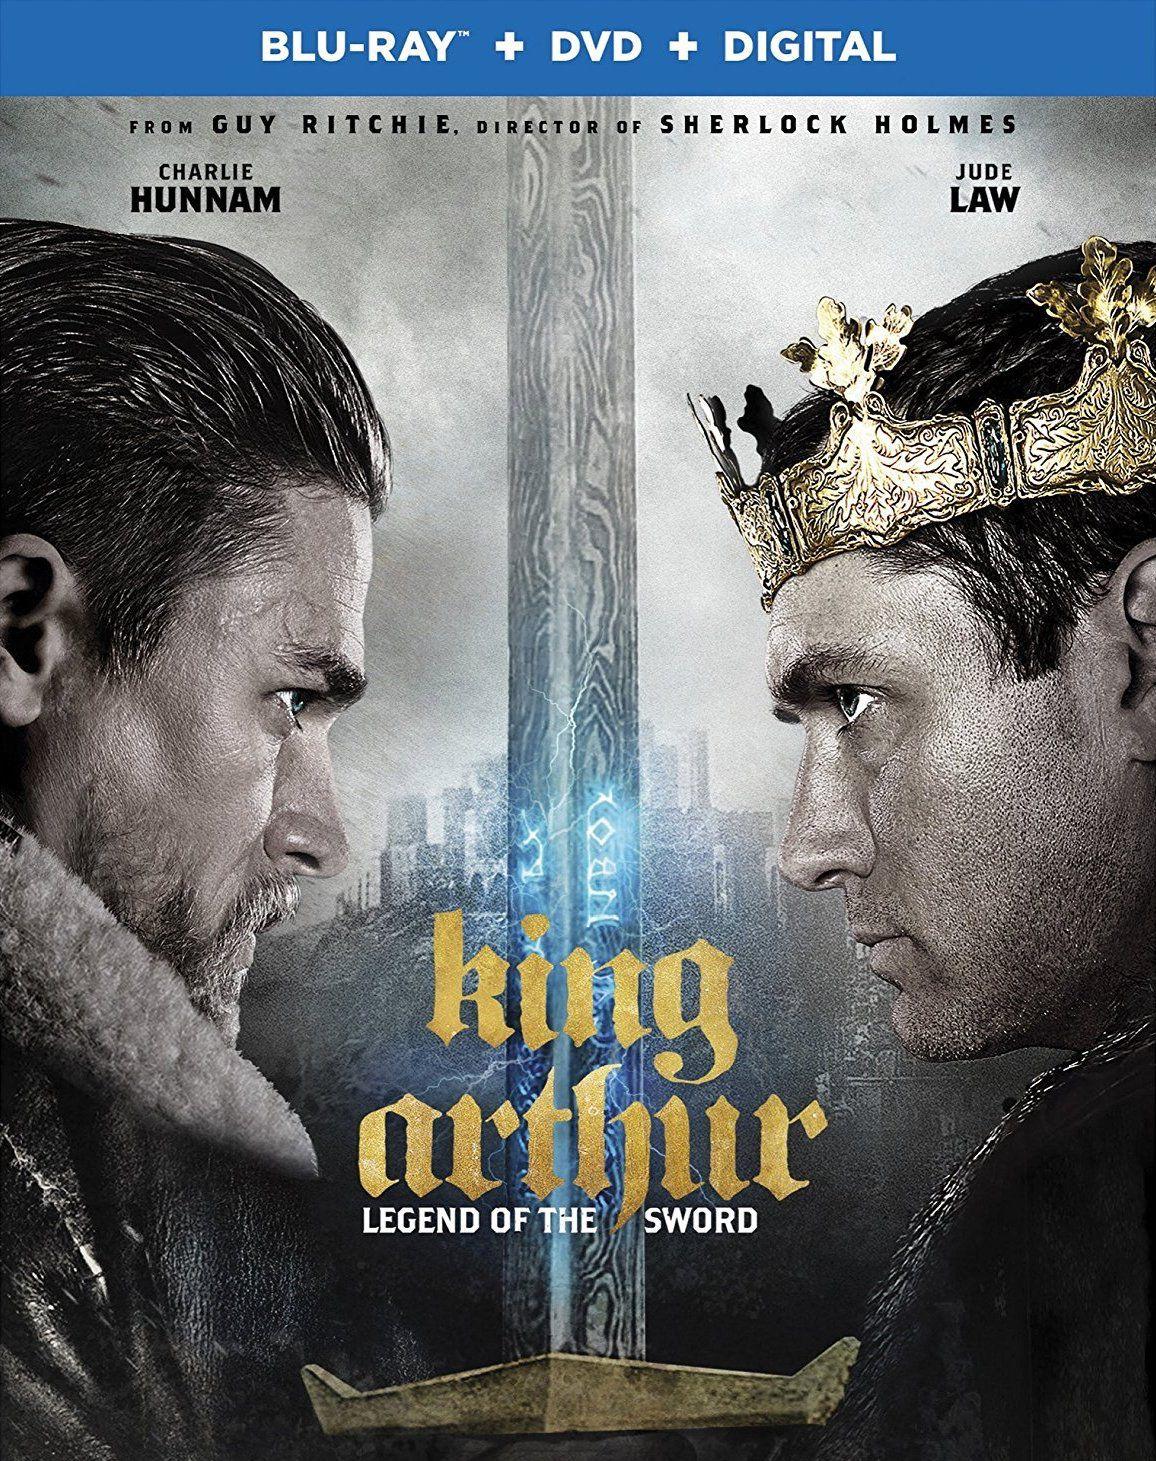 La Gratuitement Légende Télécharger le film Arthur Roi Le d'Excalibur